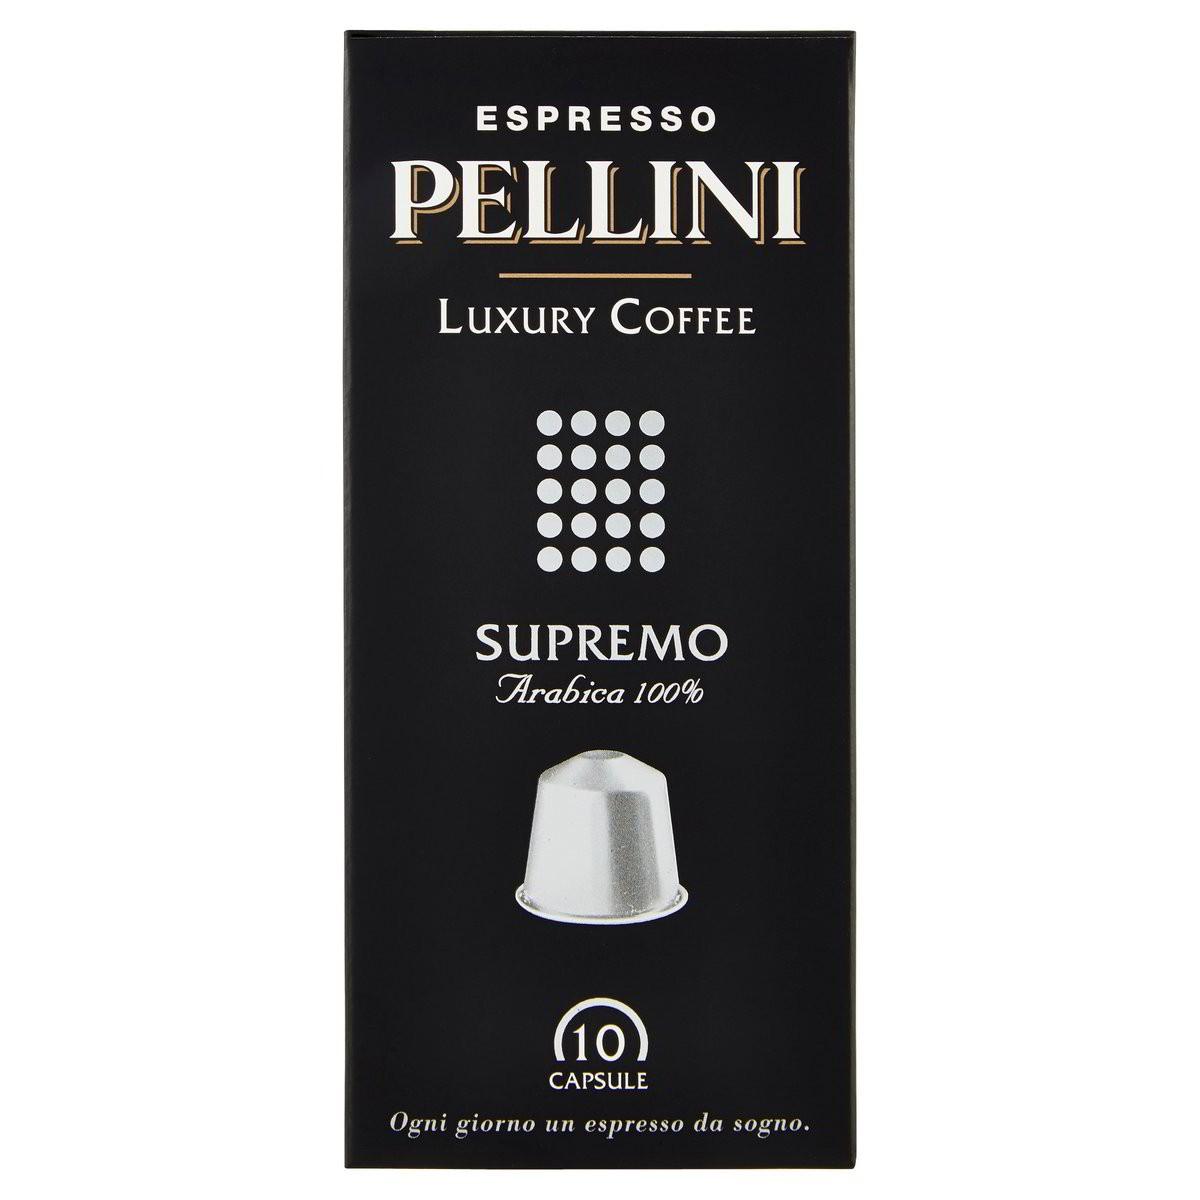 Pellini Luxury Coffee Capsule caffè Espresso Supremo